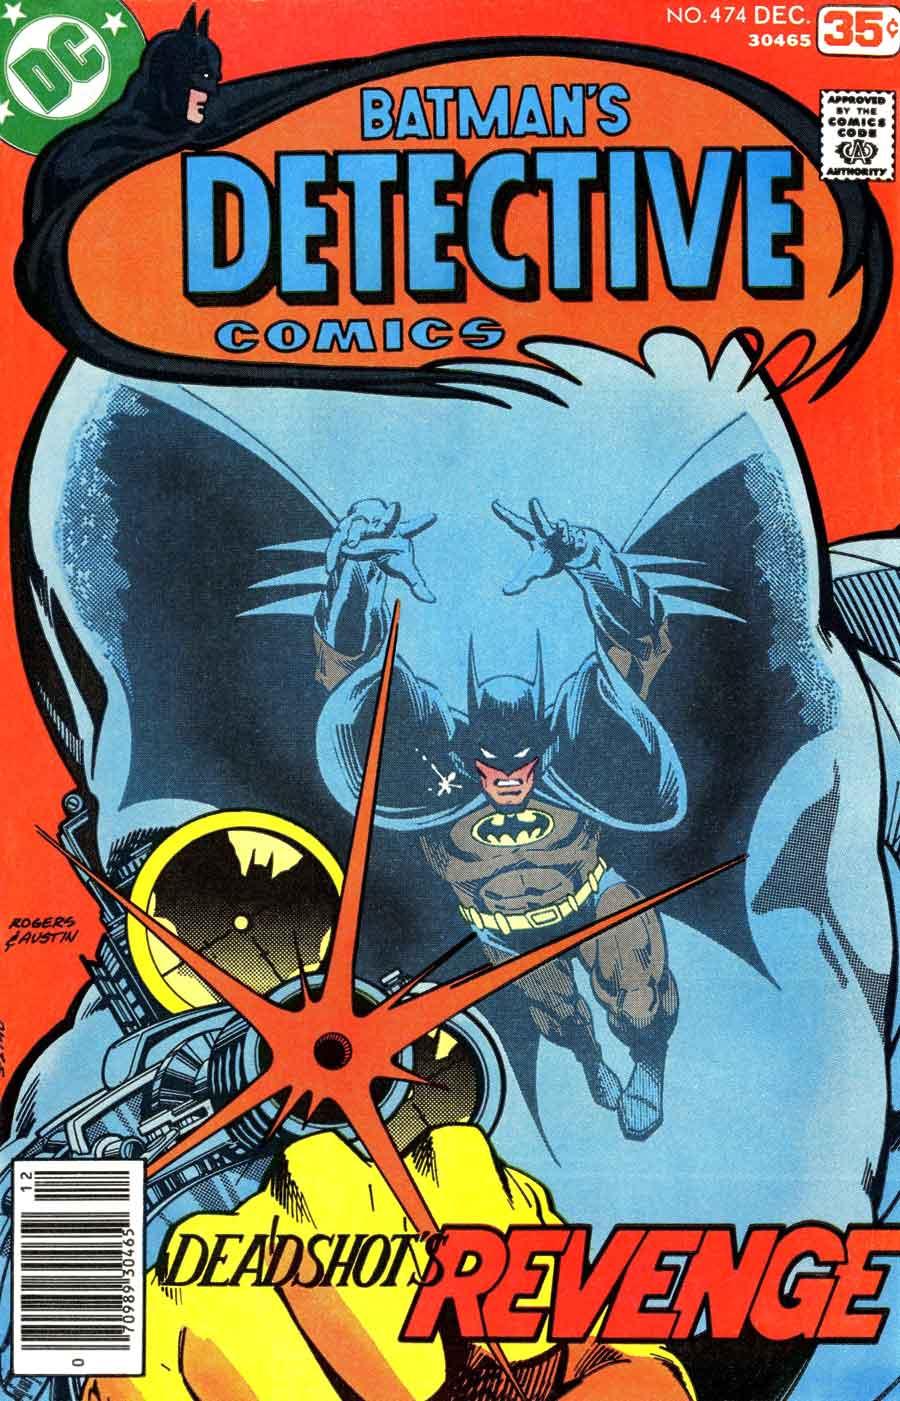 Detective_Comics_474